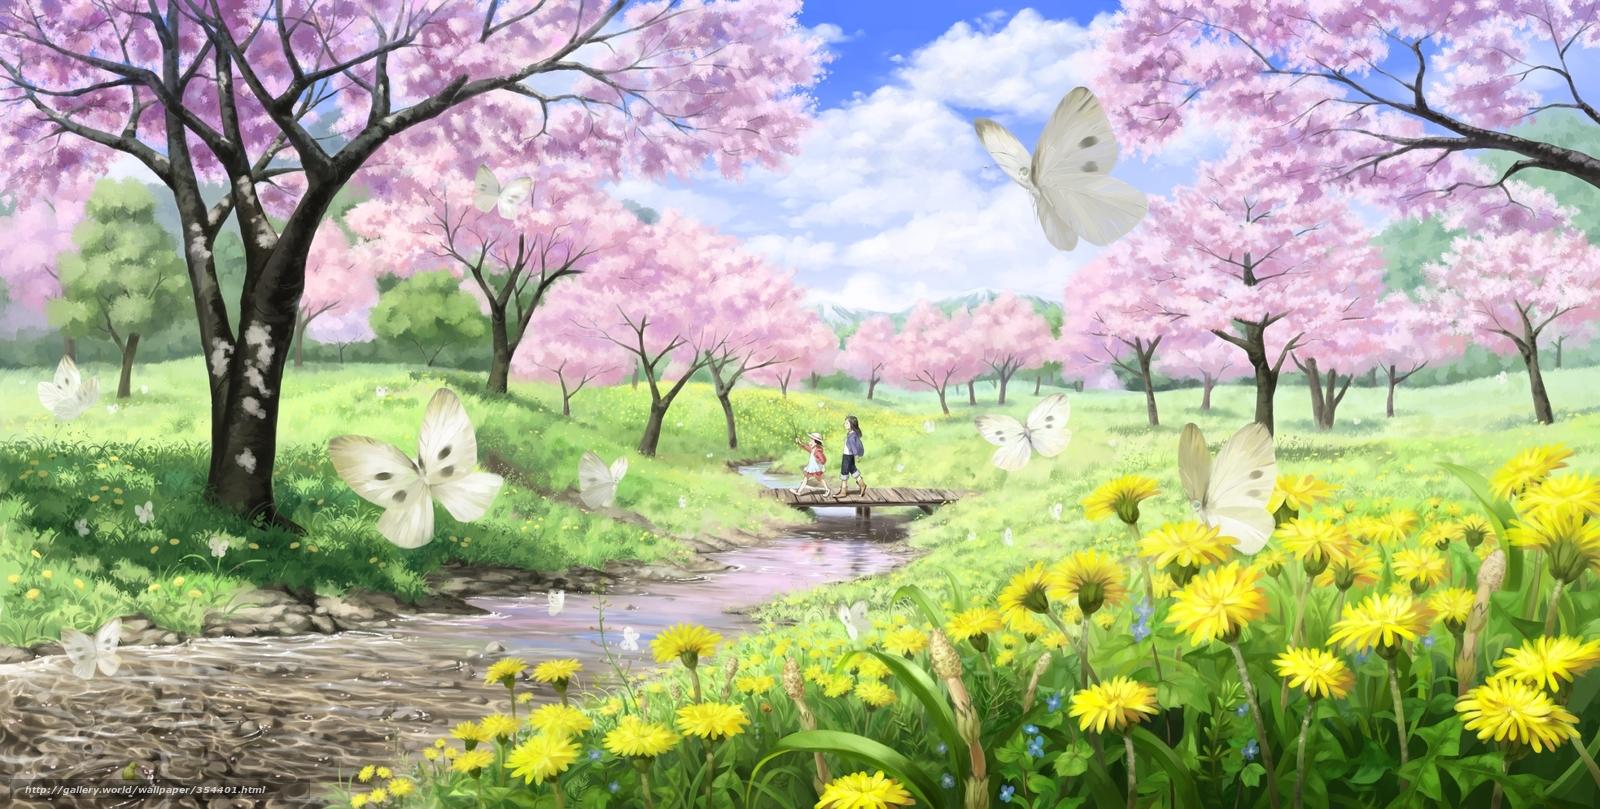 tlcharger fond d 39 ecran art paysage printemps sakura fonds d 39 ecran gratuits pour votre. Black Bedroom Furniture Sets. Home Design Ideas